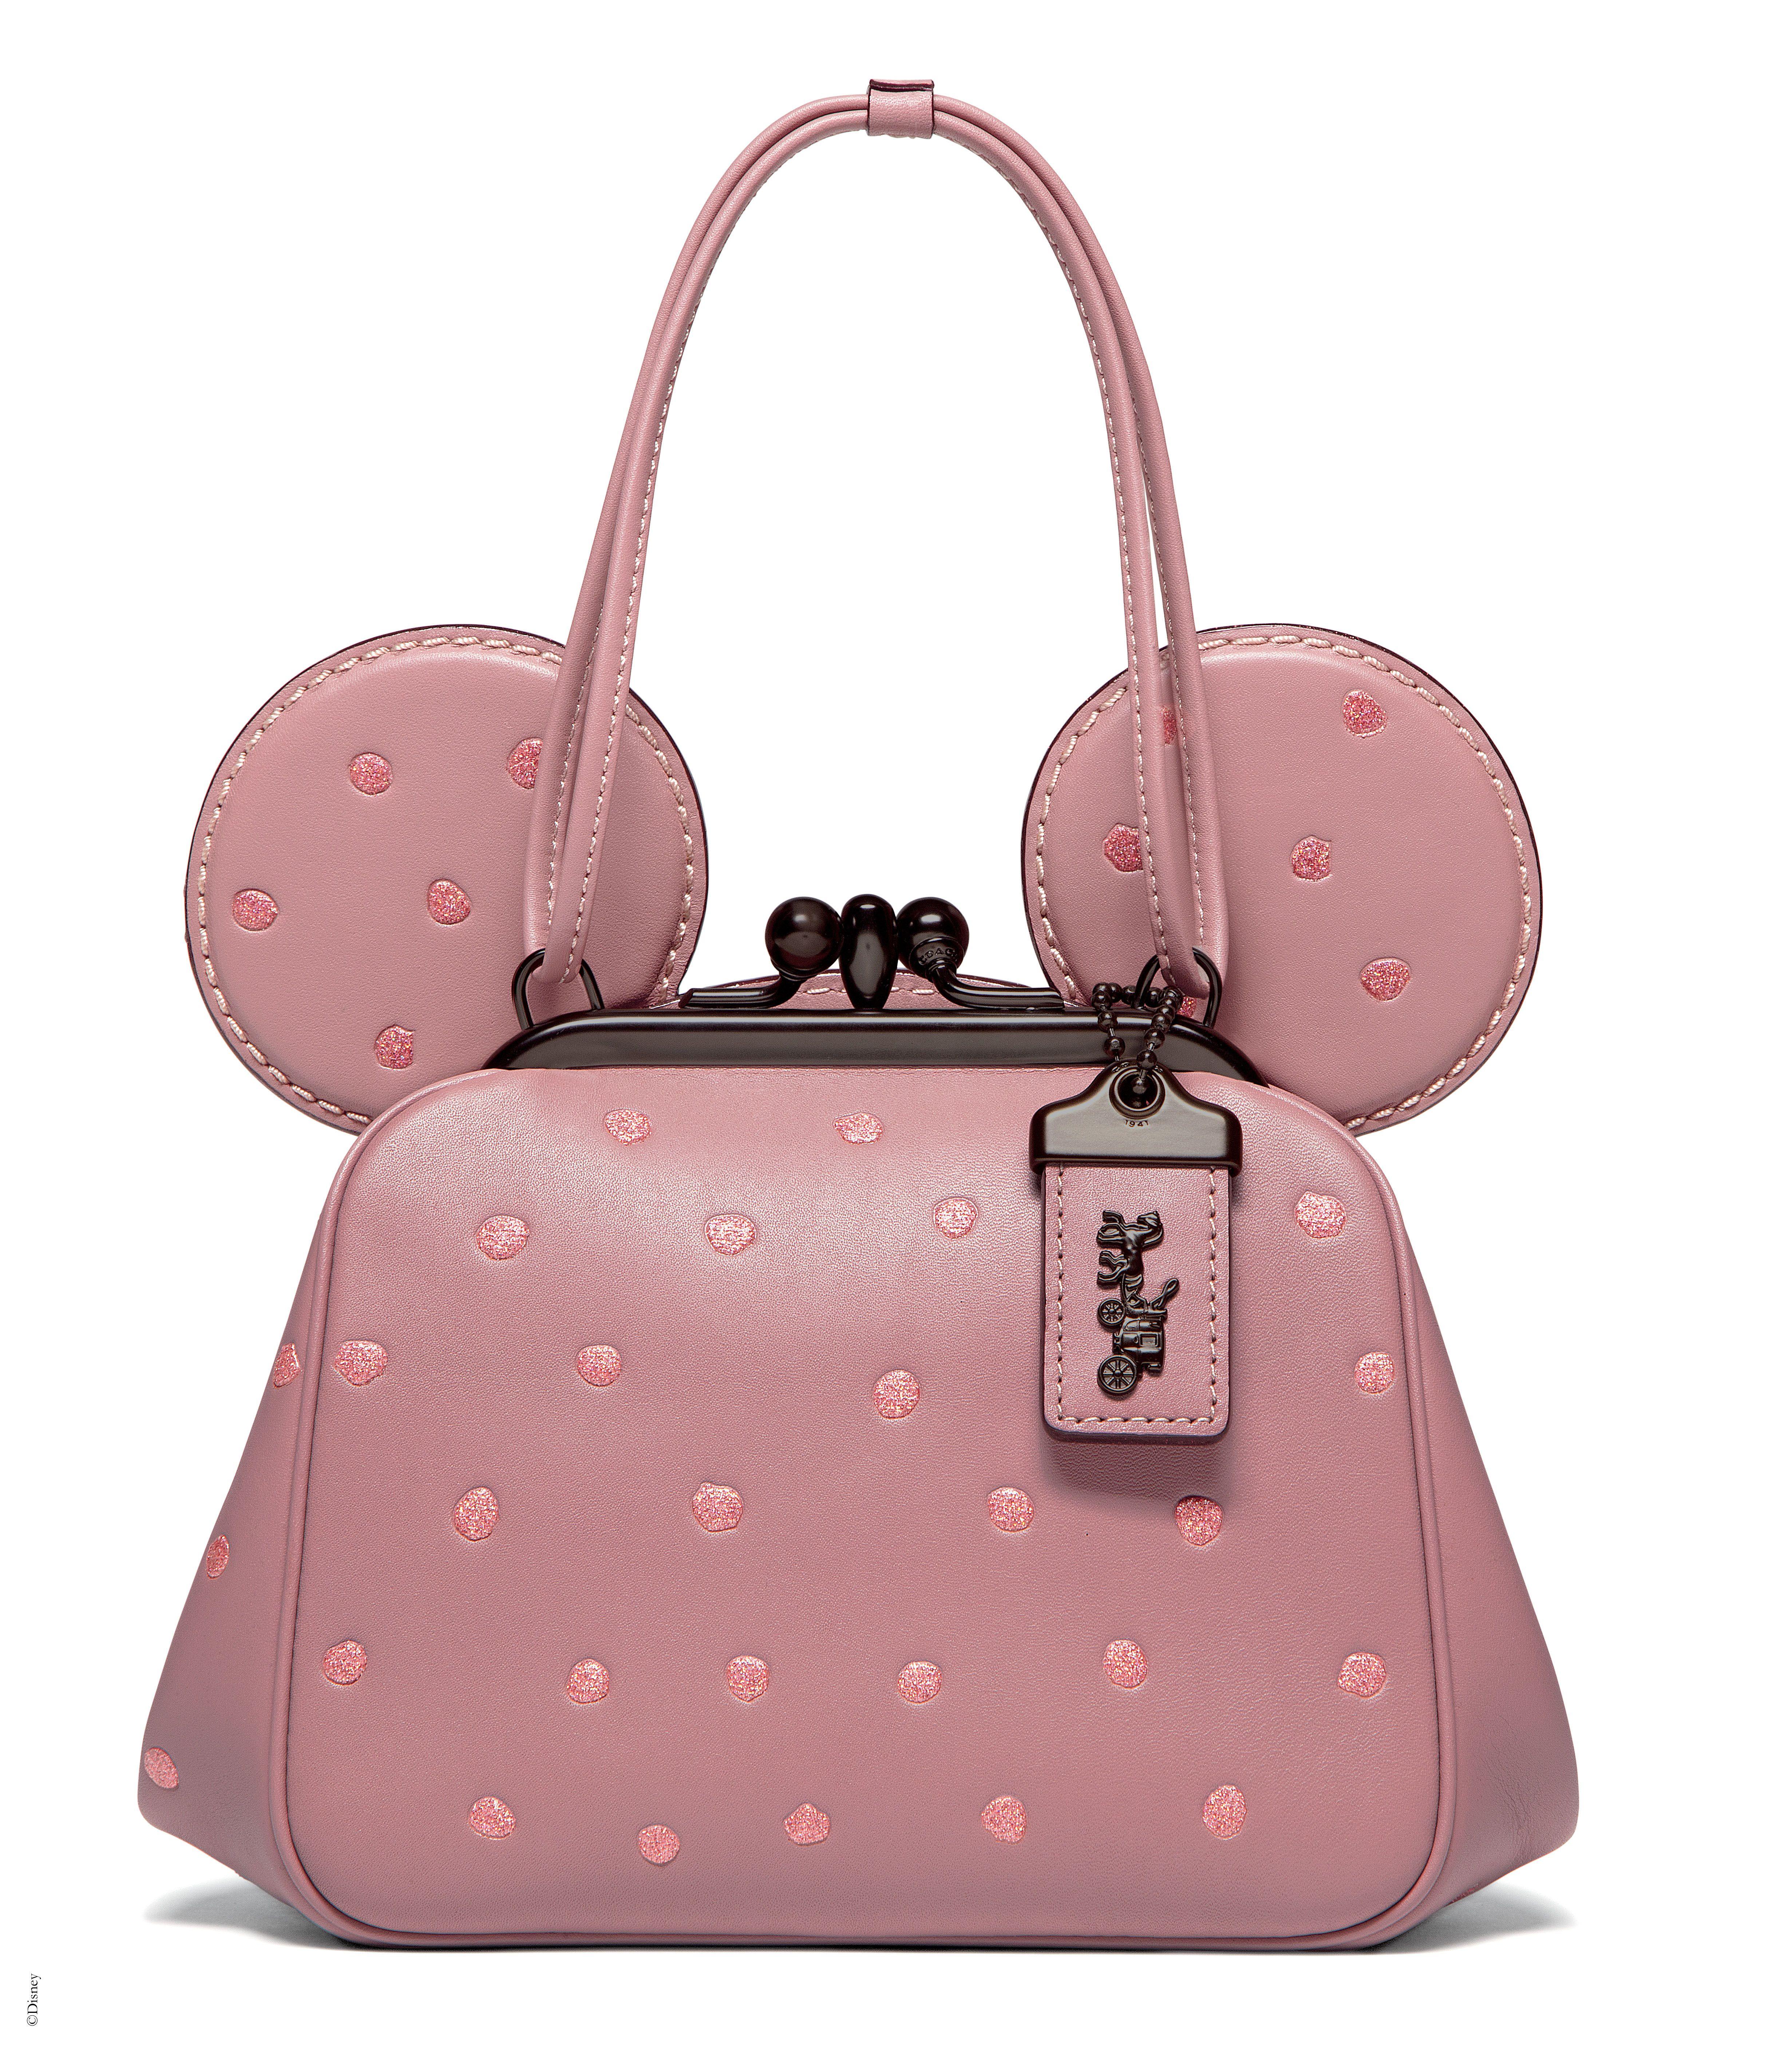 Disney X Coach Minnie Mouse Collection   Shop Minnie Mouse Coach ...